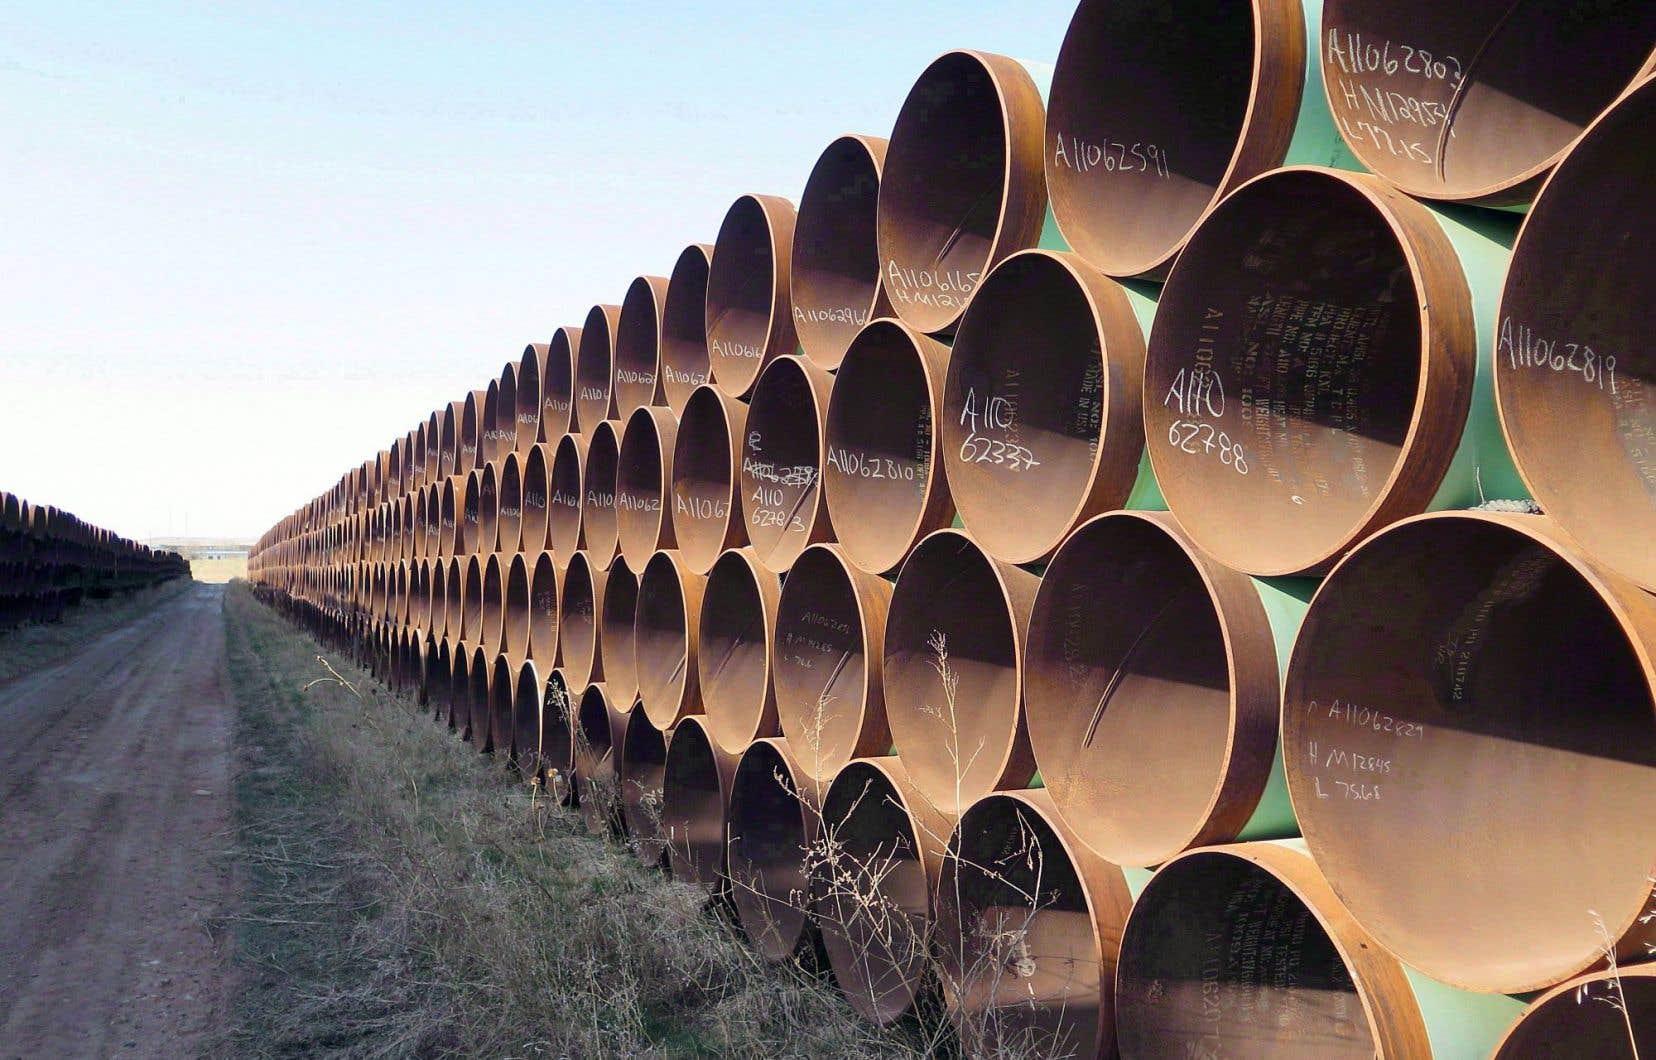 Le projet Keystone XL s'est vu donner un second souffle par l'élection de Donald Trump aux États-Unis. Justin Trudeau a indiqué qu'il était toujours favorable à cet oléoduc, qui permettrait d'acheminer du pétrole albertain jusqu'aux raffineries du Texas.